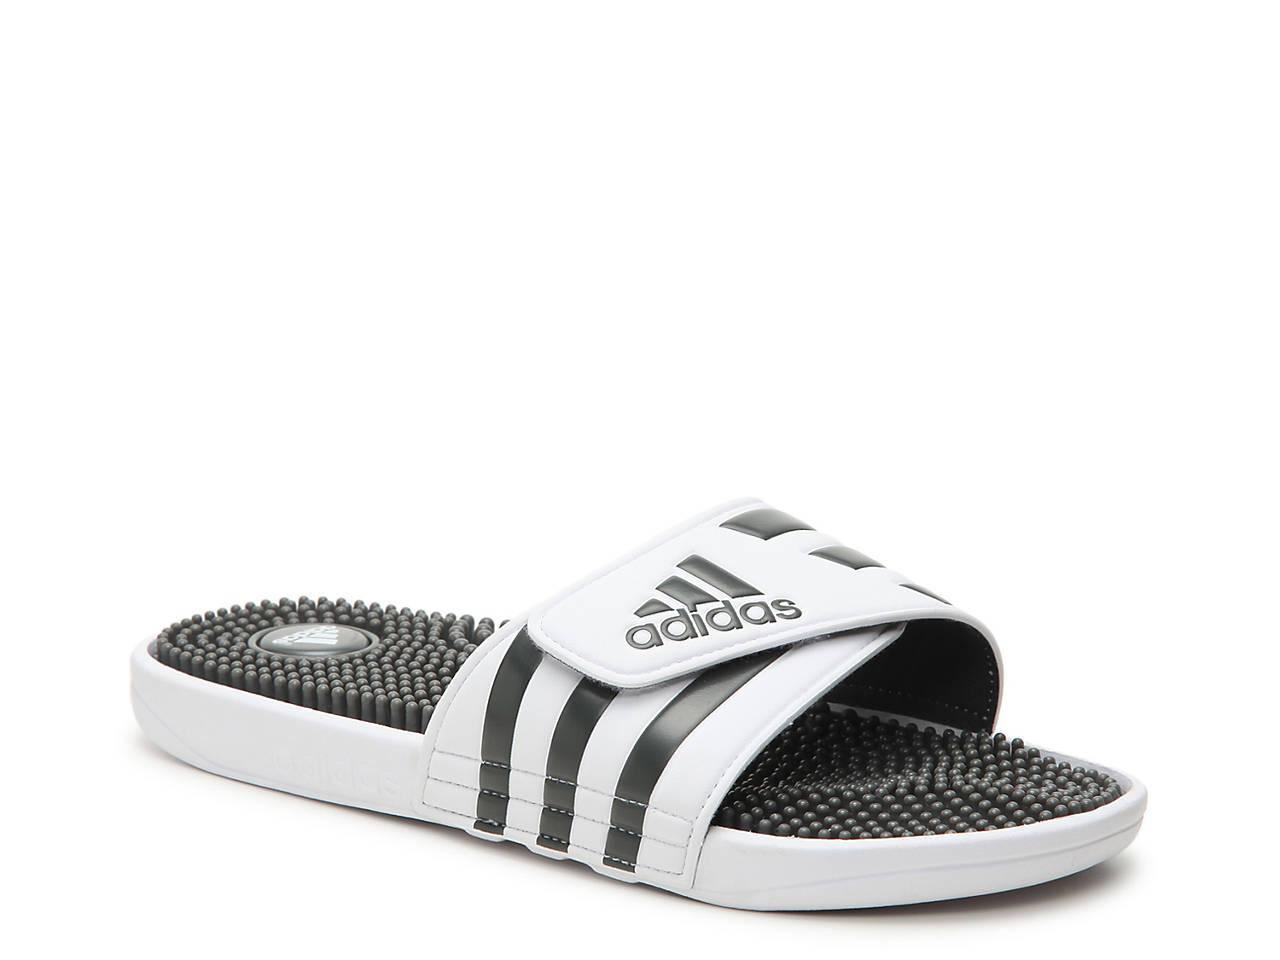 df560288d56 adidas Adissage Slide Sandal - Men s Men s Shoes